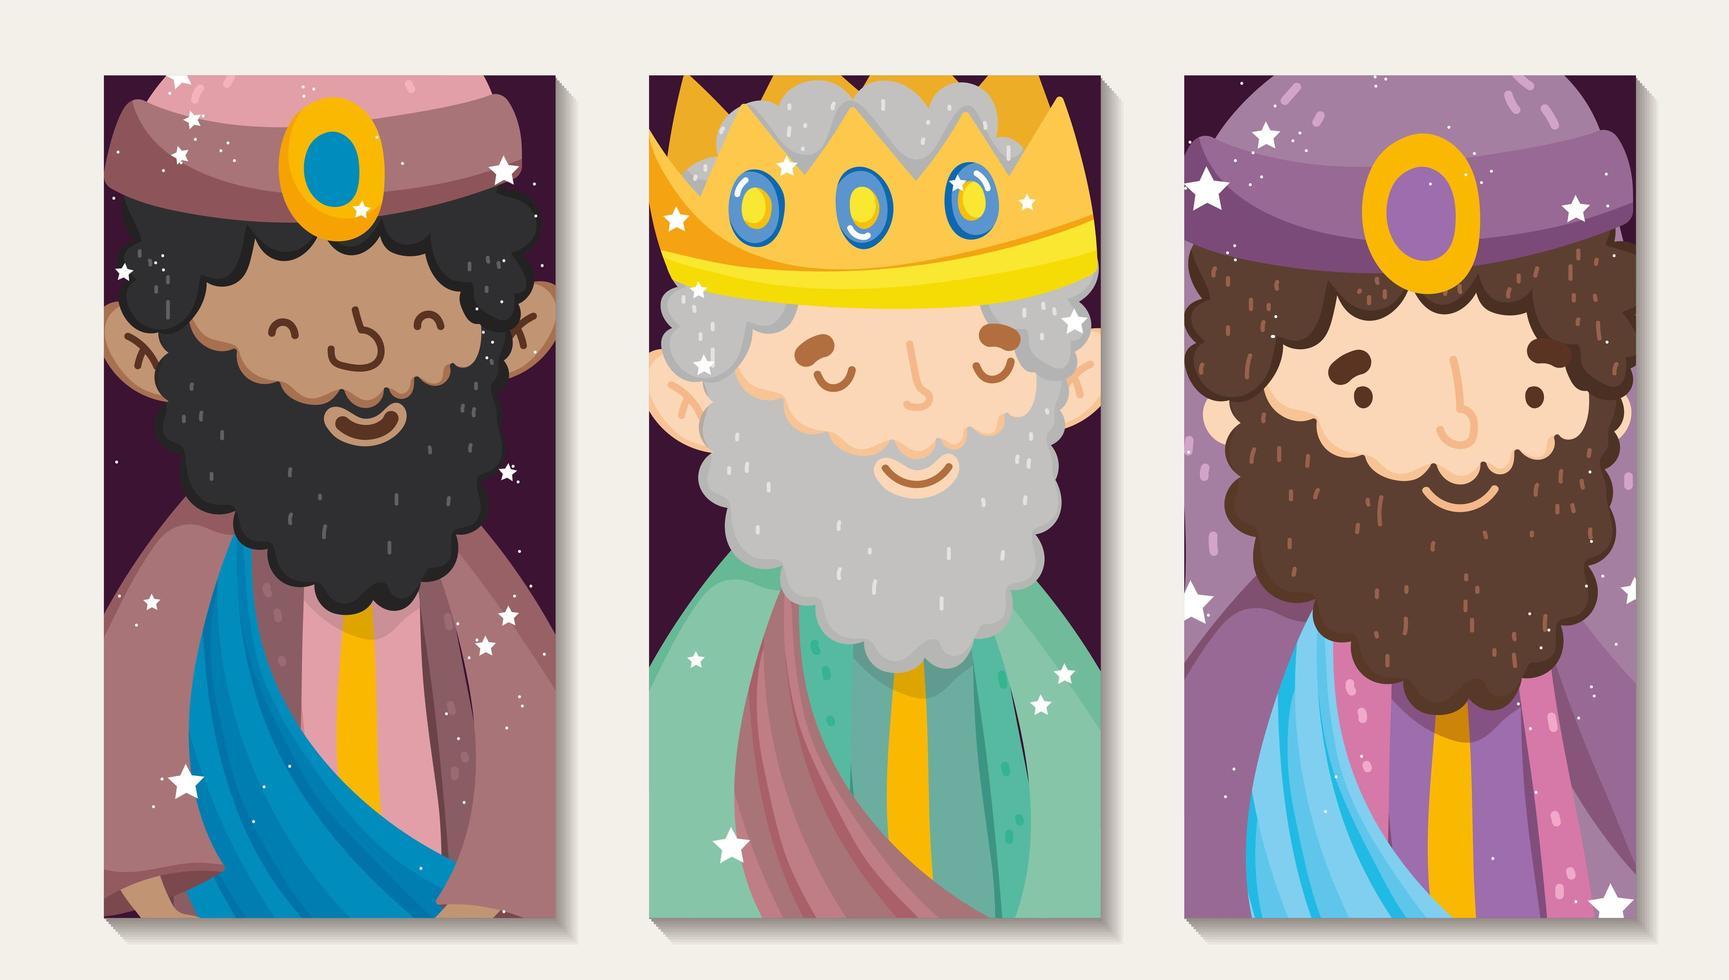 buon natale e poster presepe con i tre magi vettore